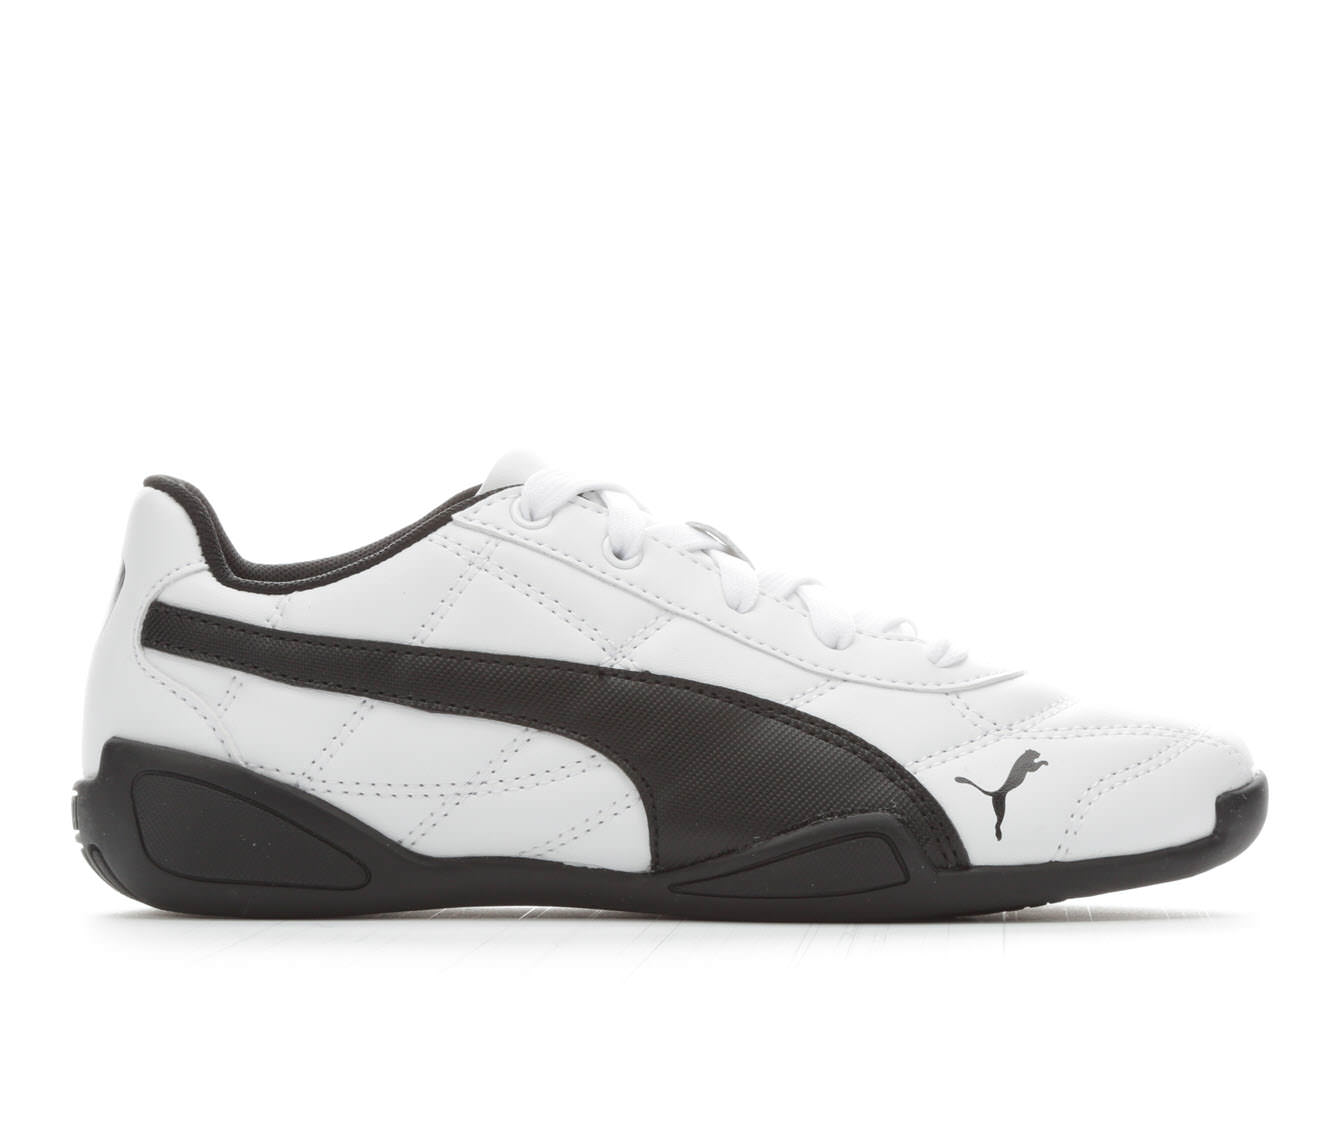 Girls' Puma Tune Cat 3 Sneakers (White)